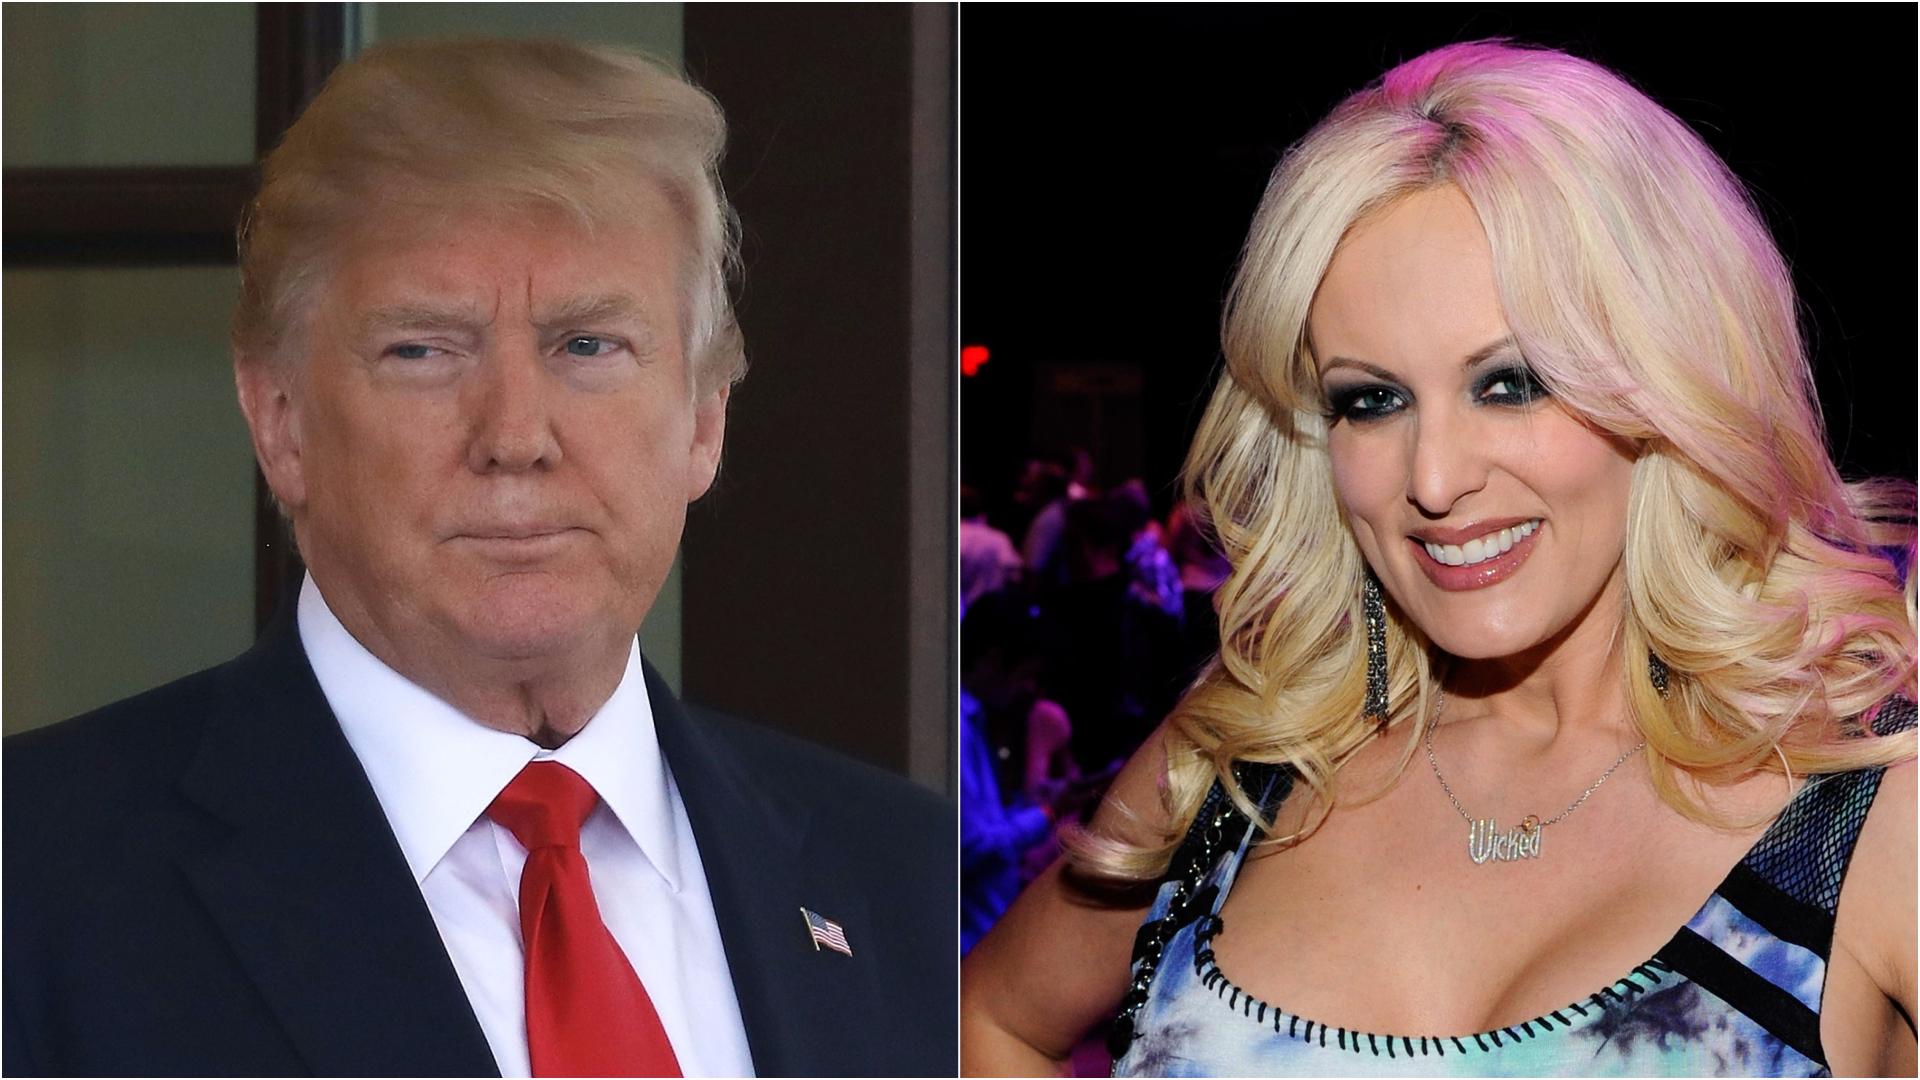 Actrices De Series Pasadas Al Porno la actriz porno stormy daniels describe con lujo de detalle